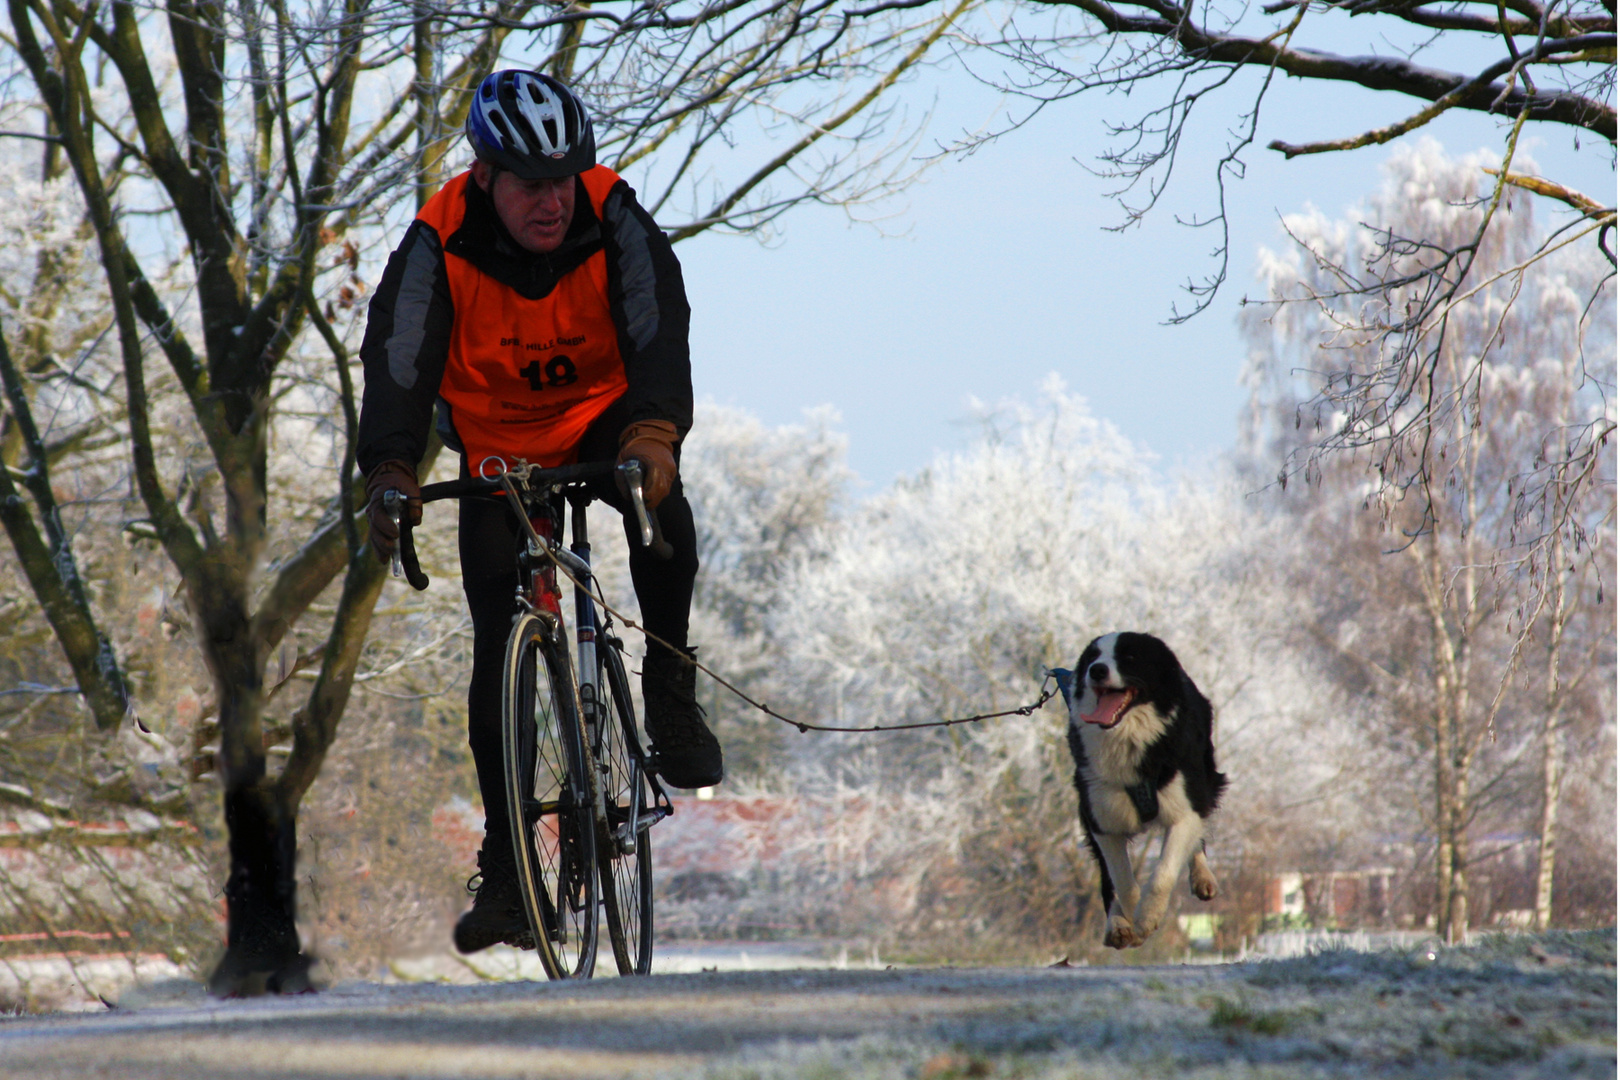 Mensch & Hund beim Sport